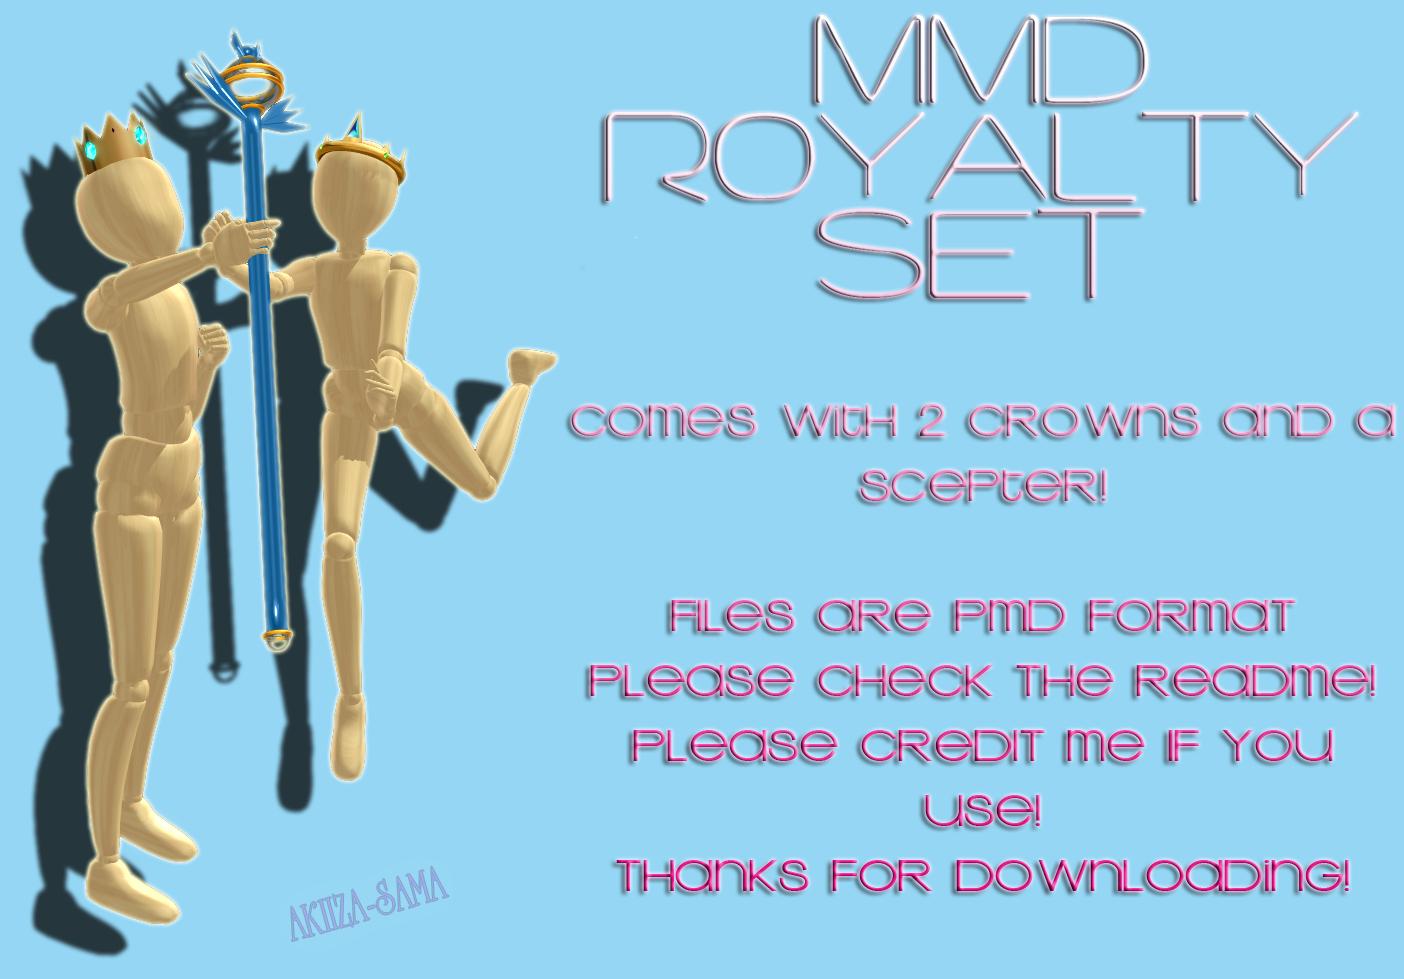 MMD Royalty Set Download -updated by Akiiza-sama